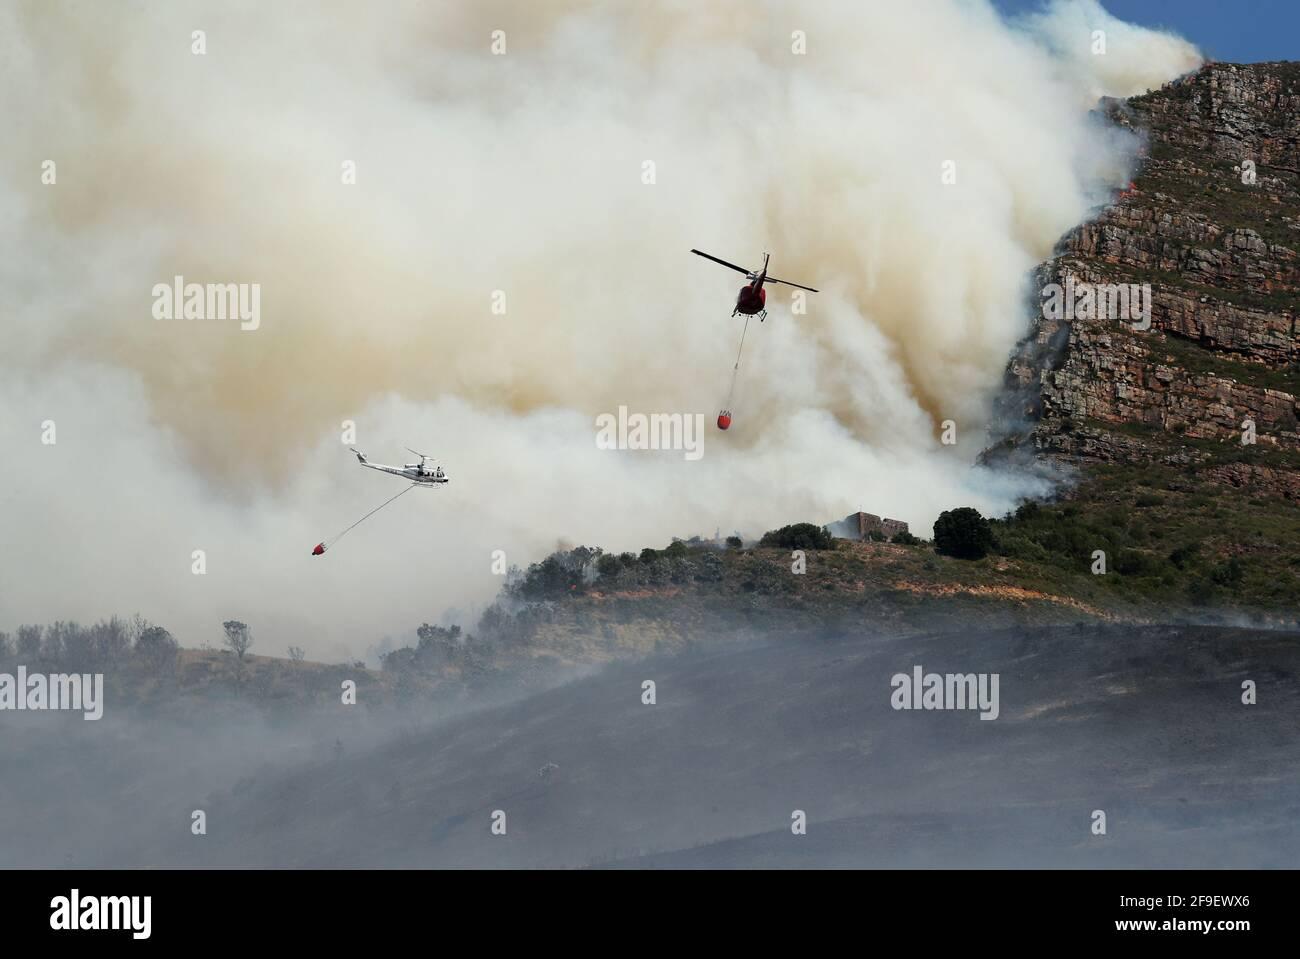 Des hélicoptères combattent pour contenir un feu de brousse qui a éclaté sur les pentes de Table Mountain au Cap, Afrique du Sud, le 18 avril 2021. REUTERS/Mike Hutchings Banque D'Images